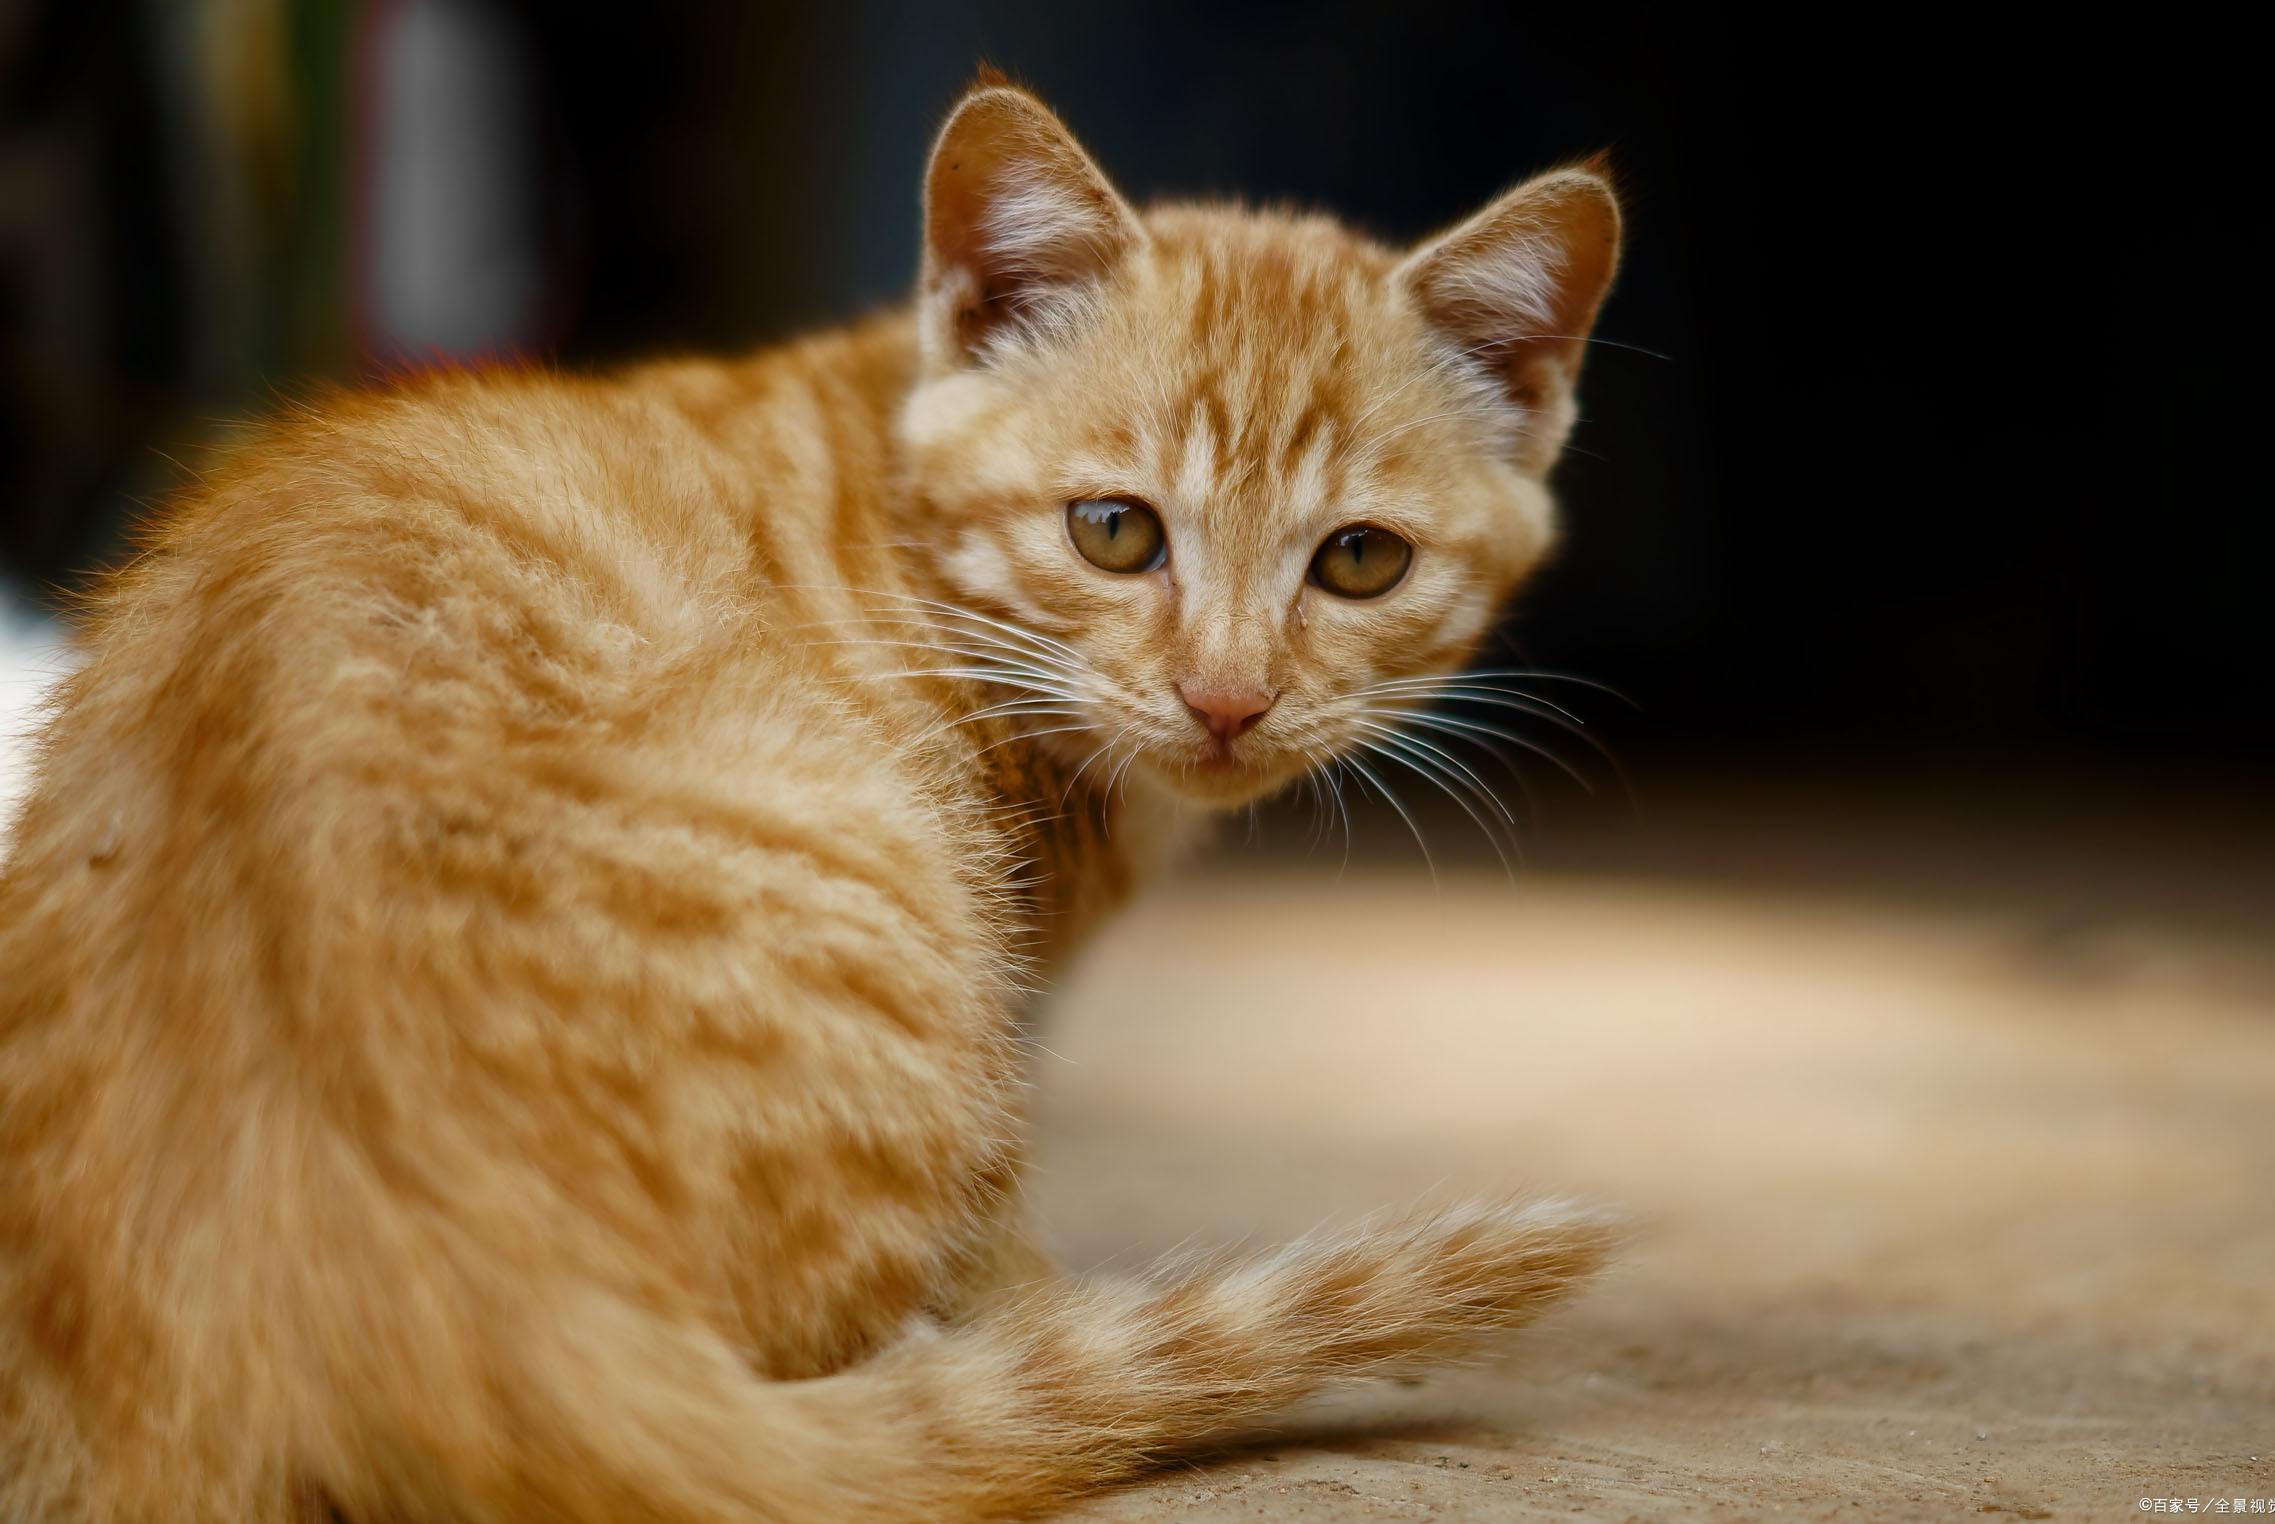 新手养猫必看!猫咪都需要哪些营养成分,这篇文章告诉你